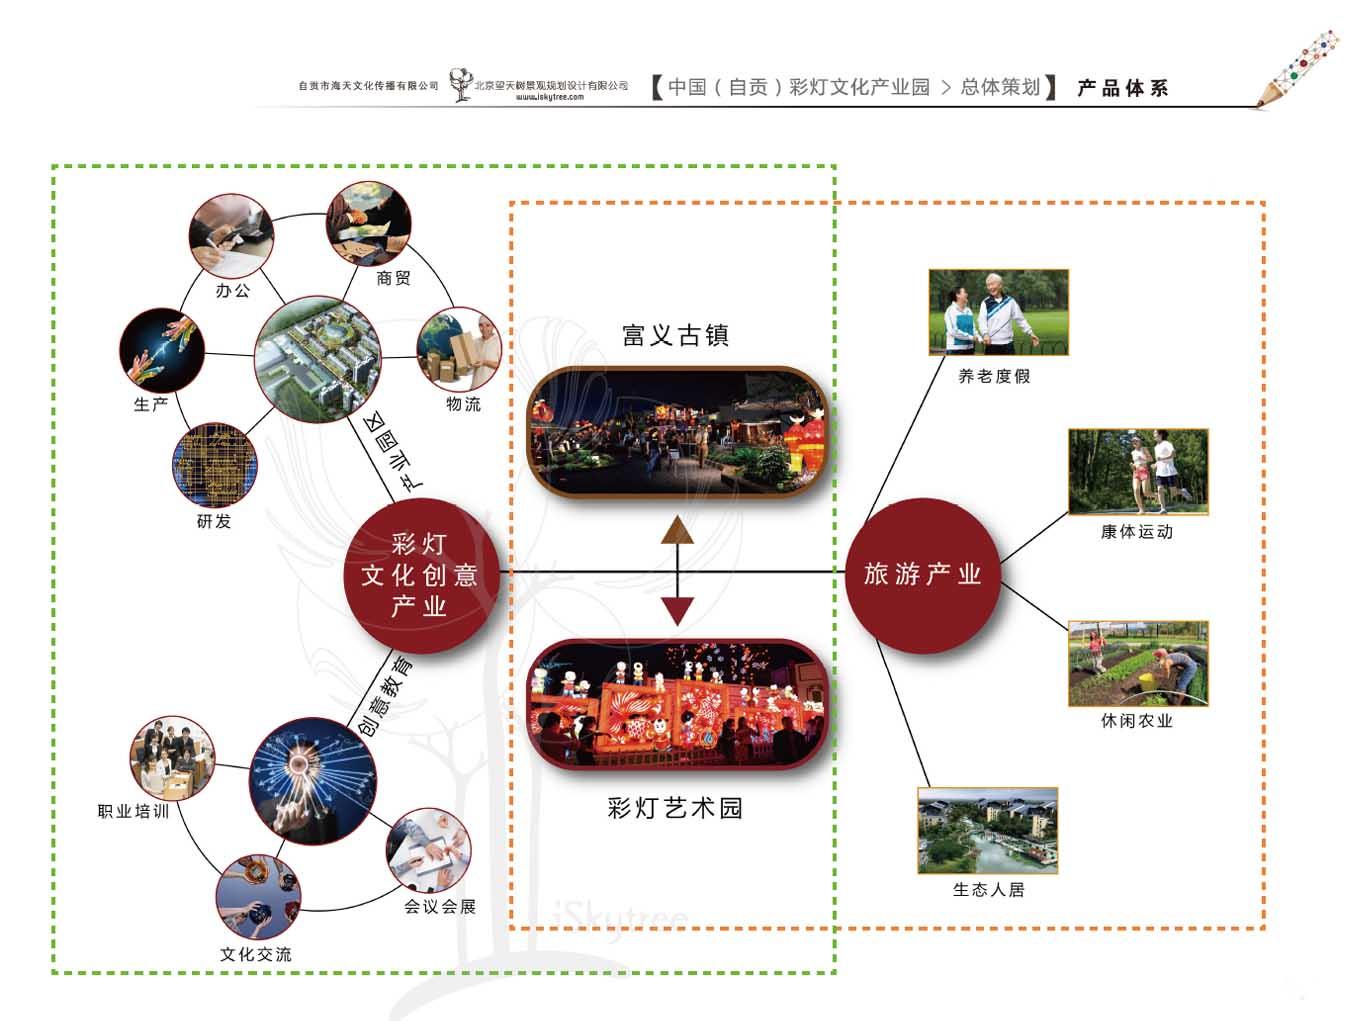 自贡彩灯文化产业园产品体系图